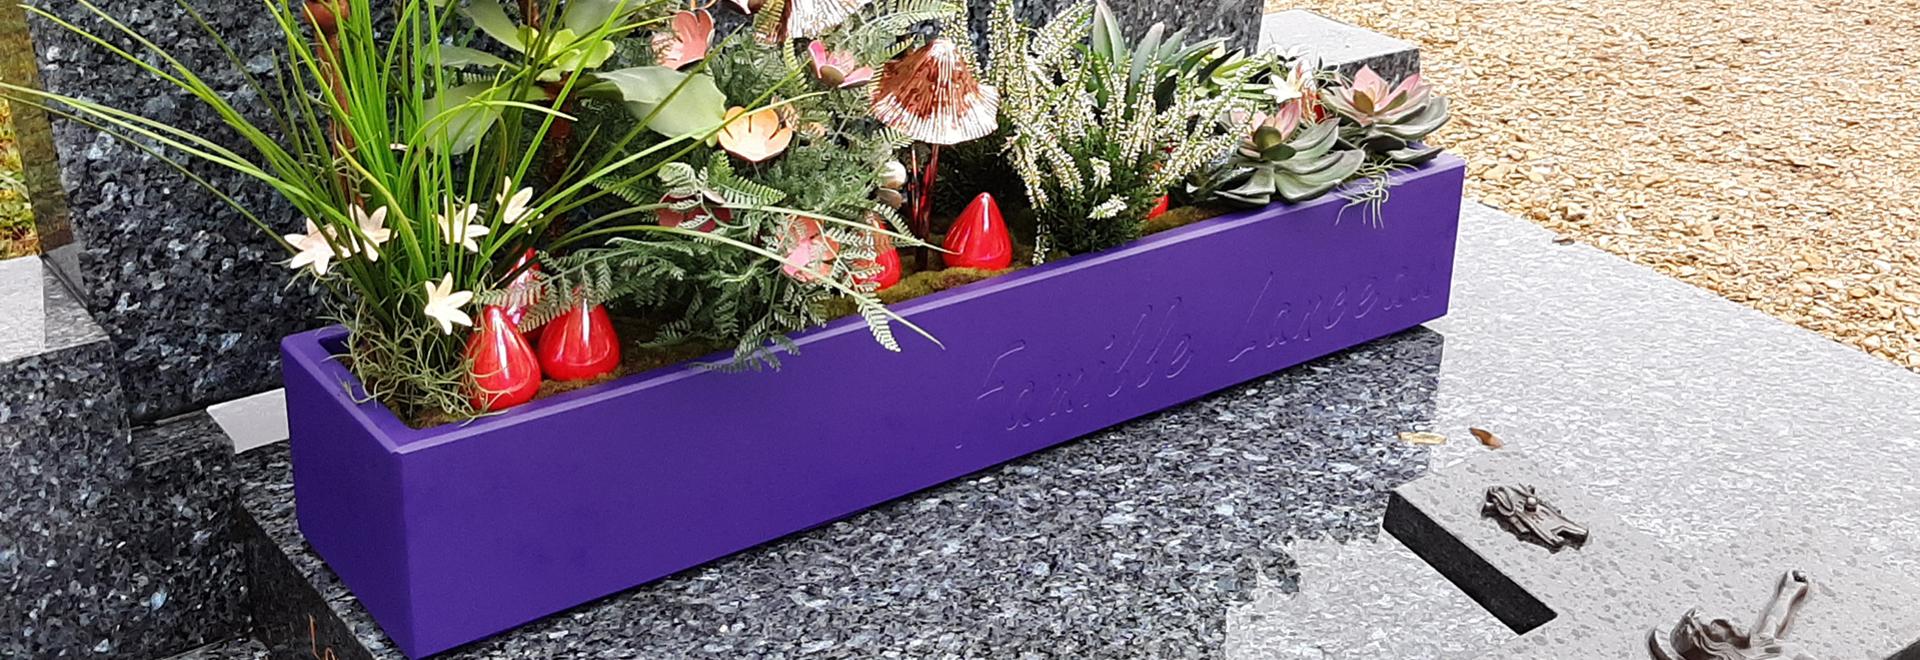 Fioriere durevoli e personalizzate per decorare le tombe